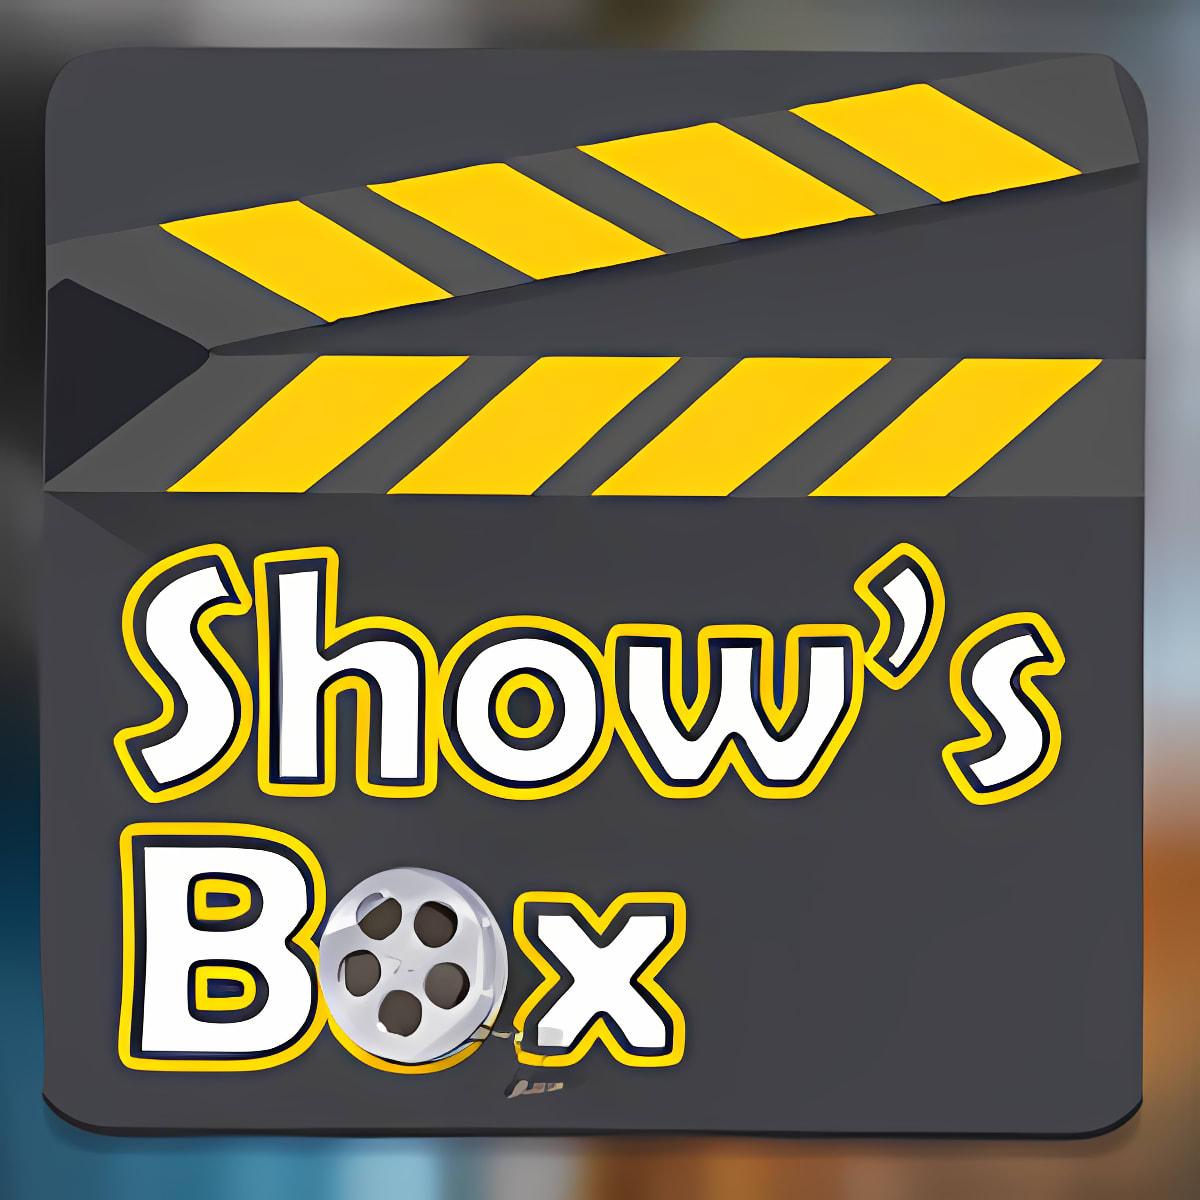 New Box 2018  Free Movies  Free Shows